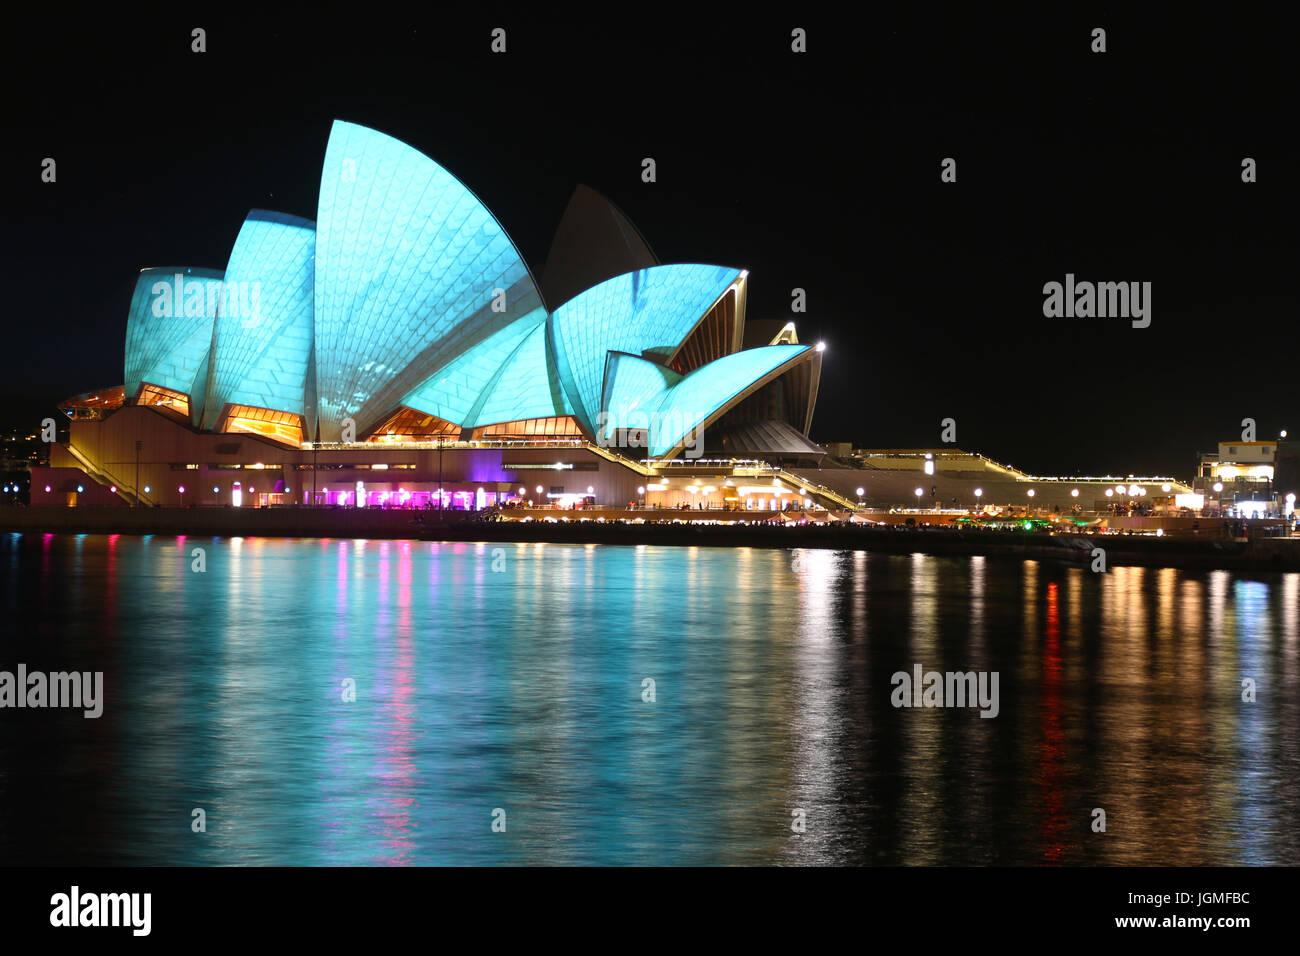 L'Opéra de Sydney, NSW, Australie pendant la nuit Photo Stock